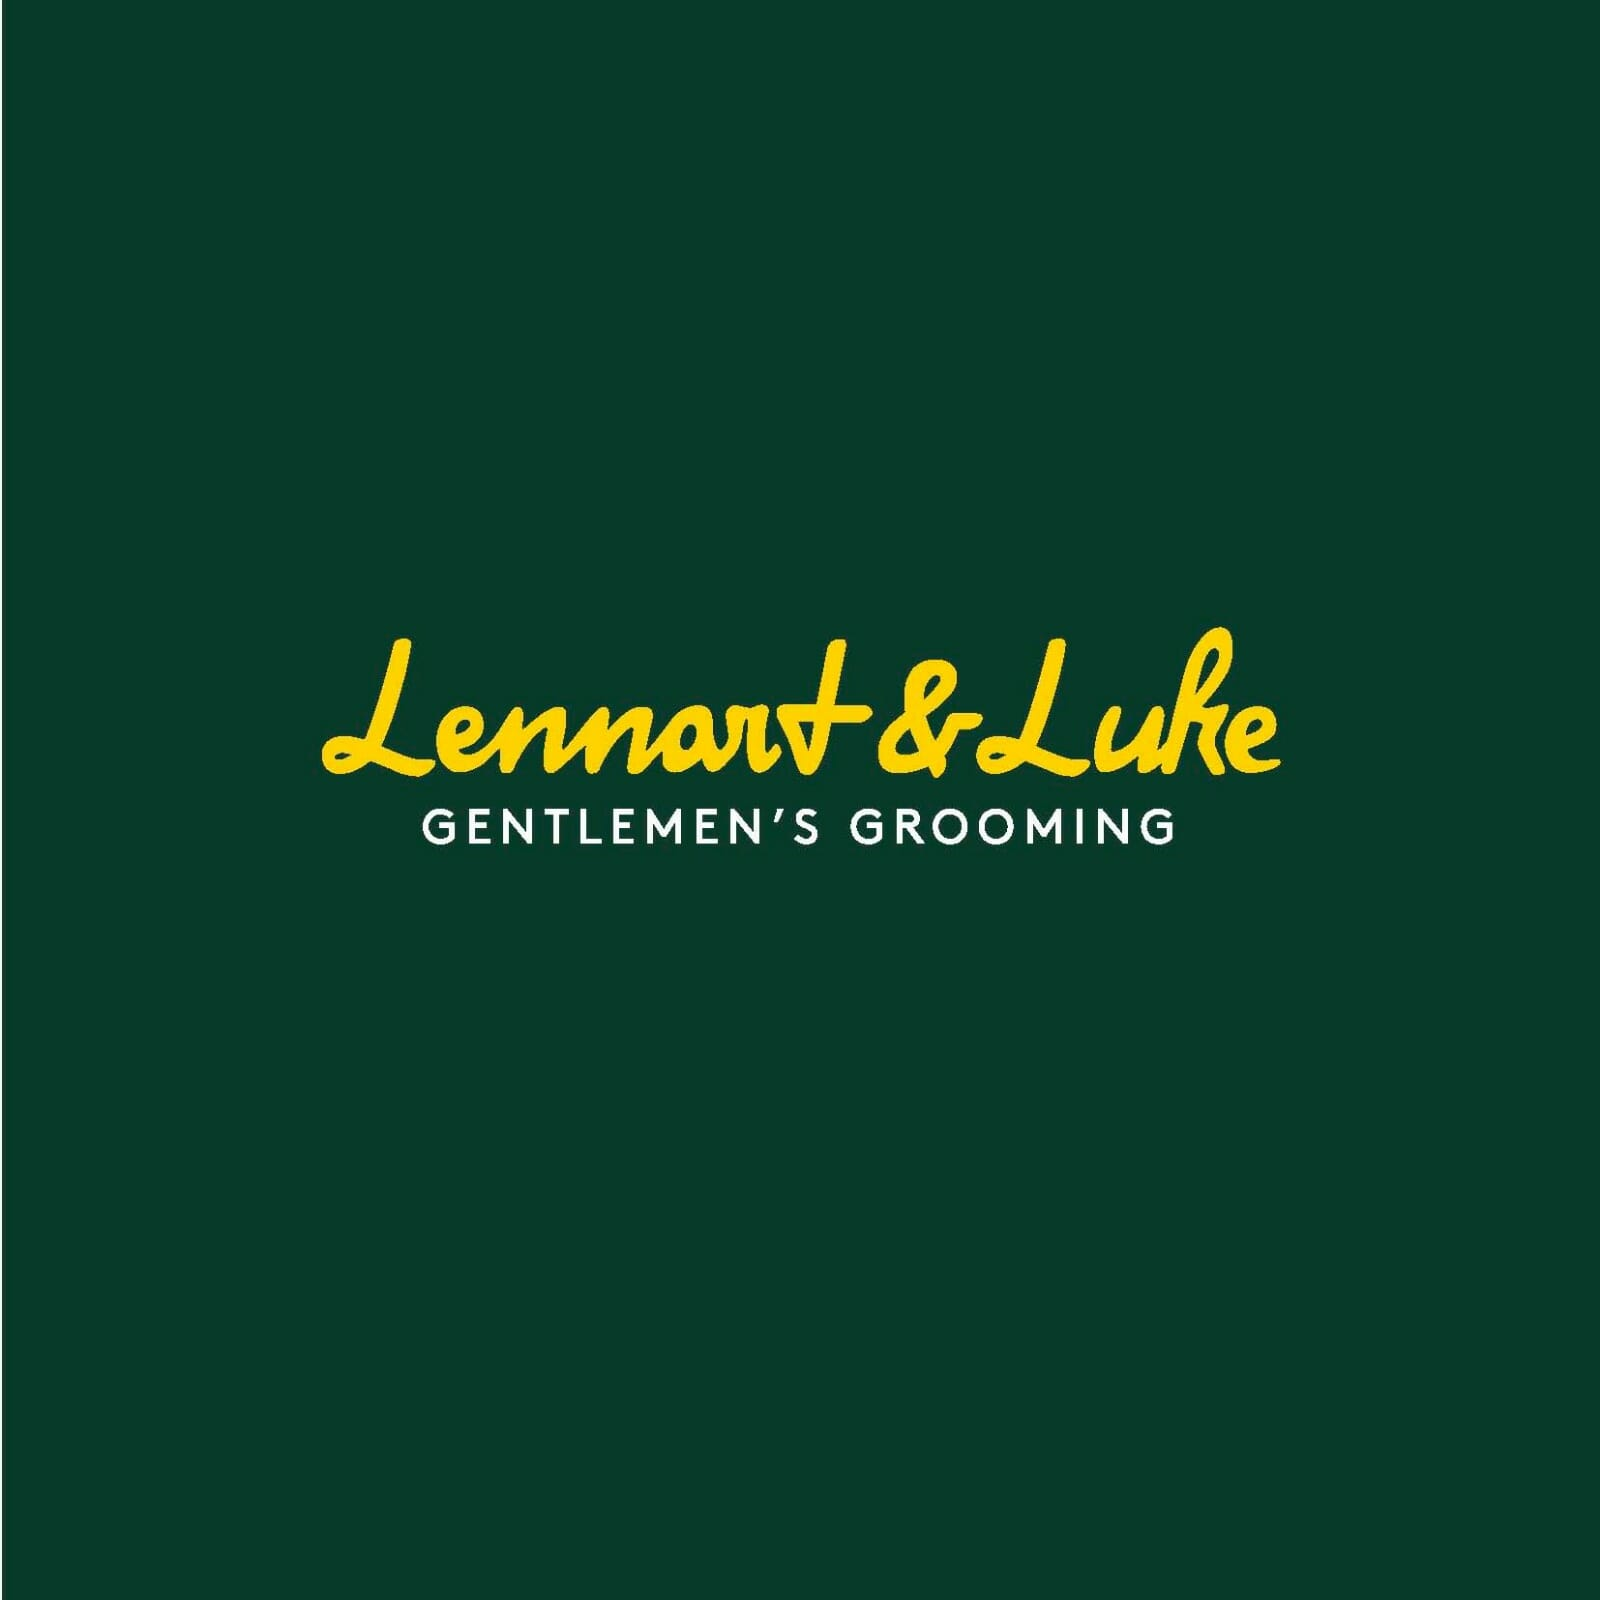 Lennart & Luke